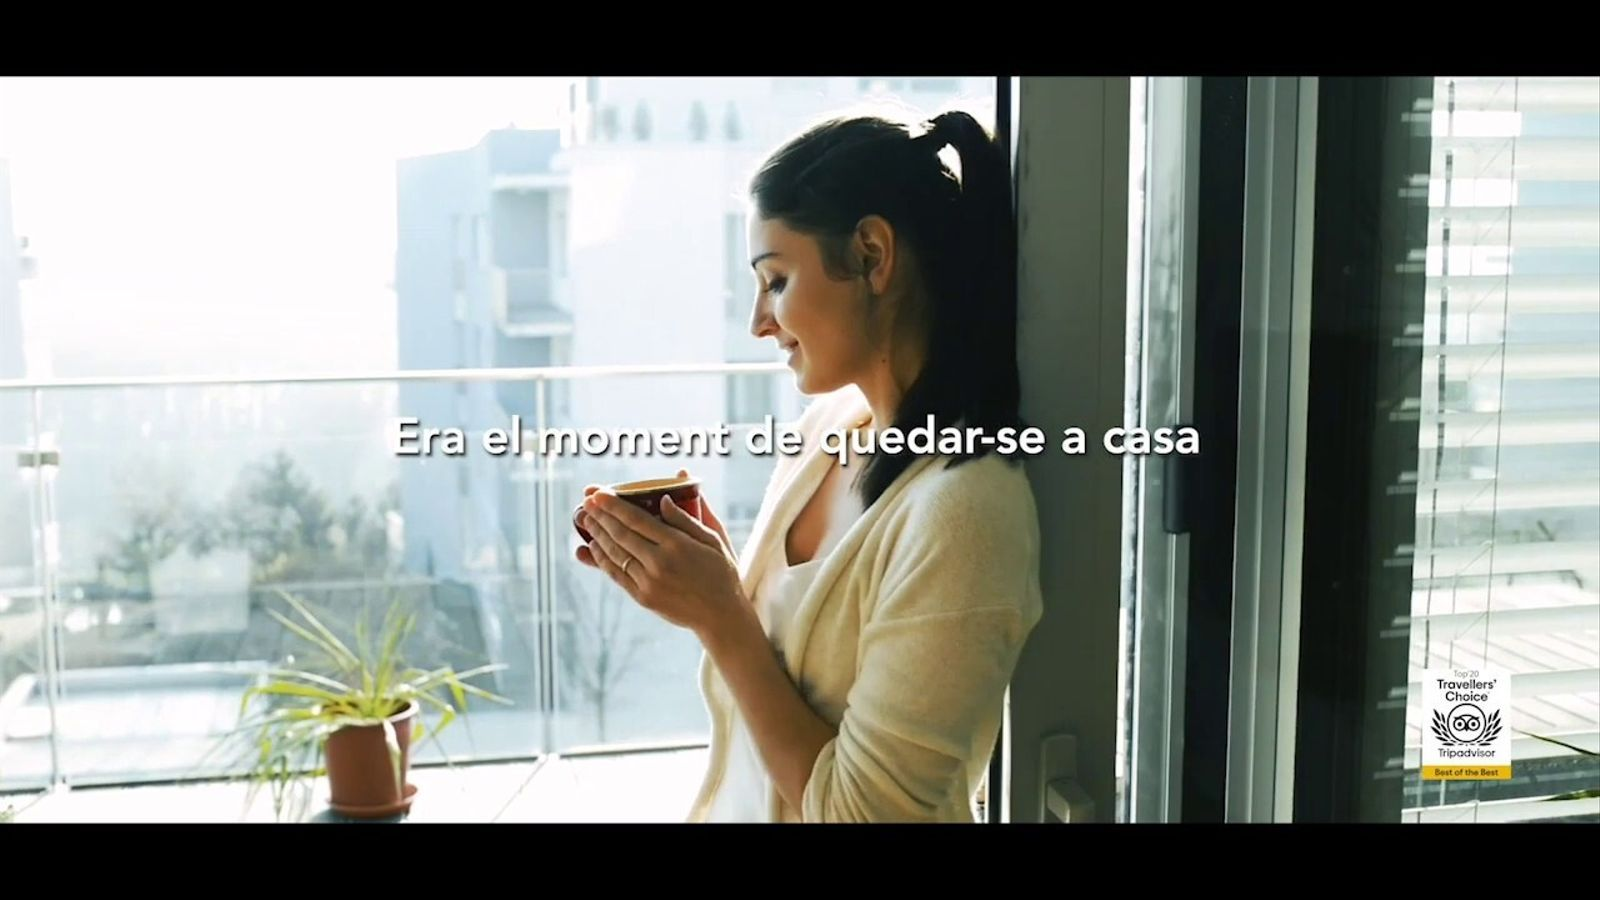 'Deixa'ns cuidar-te', el vídeo promocional de la costa de Santanyí